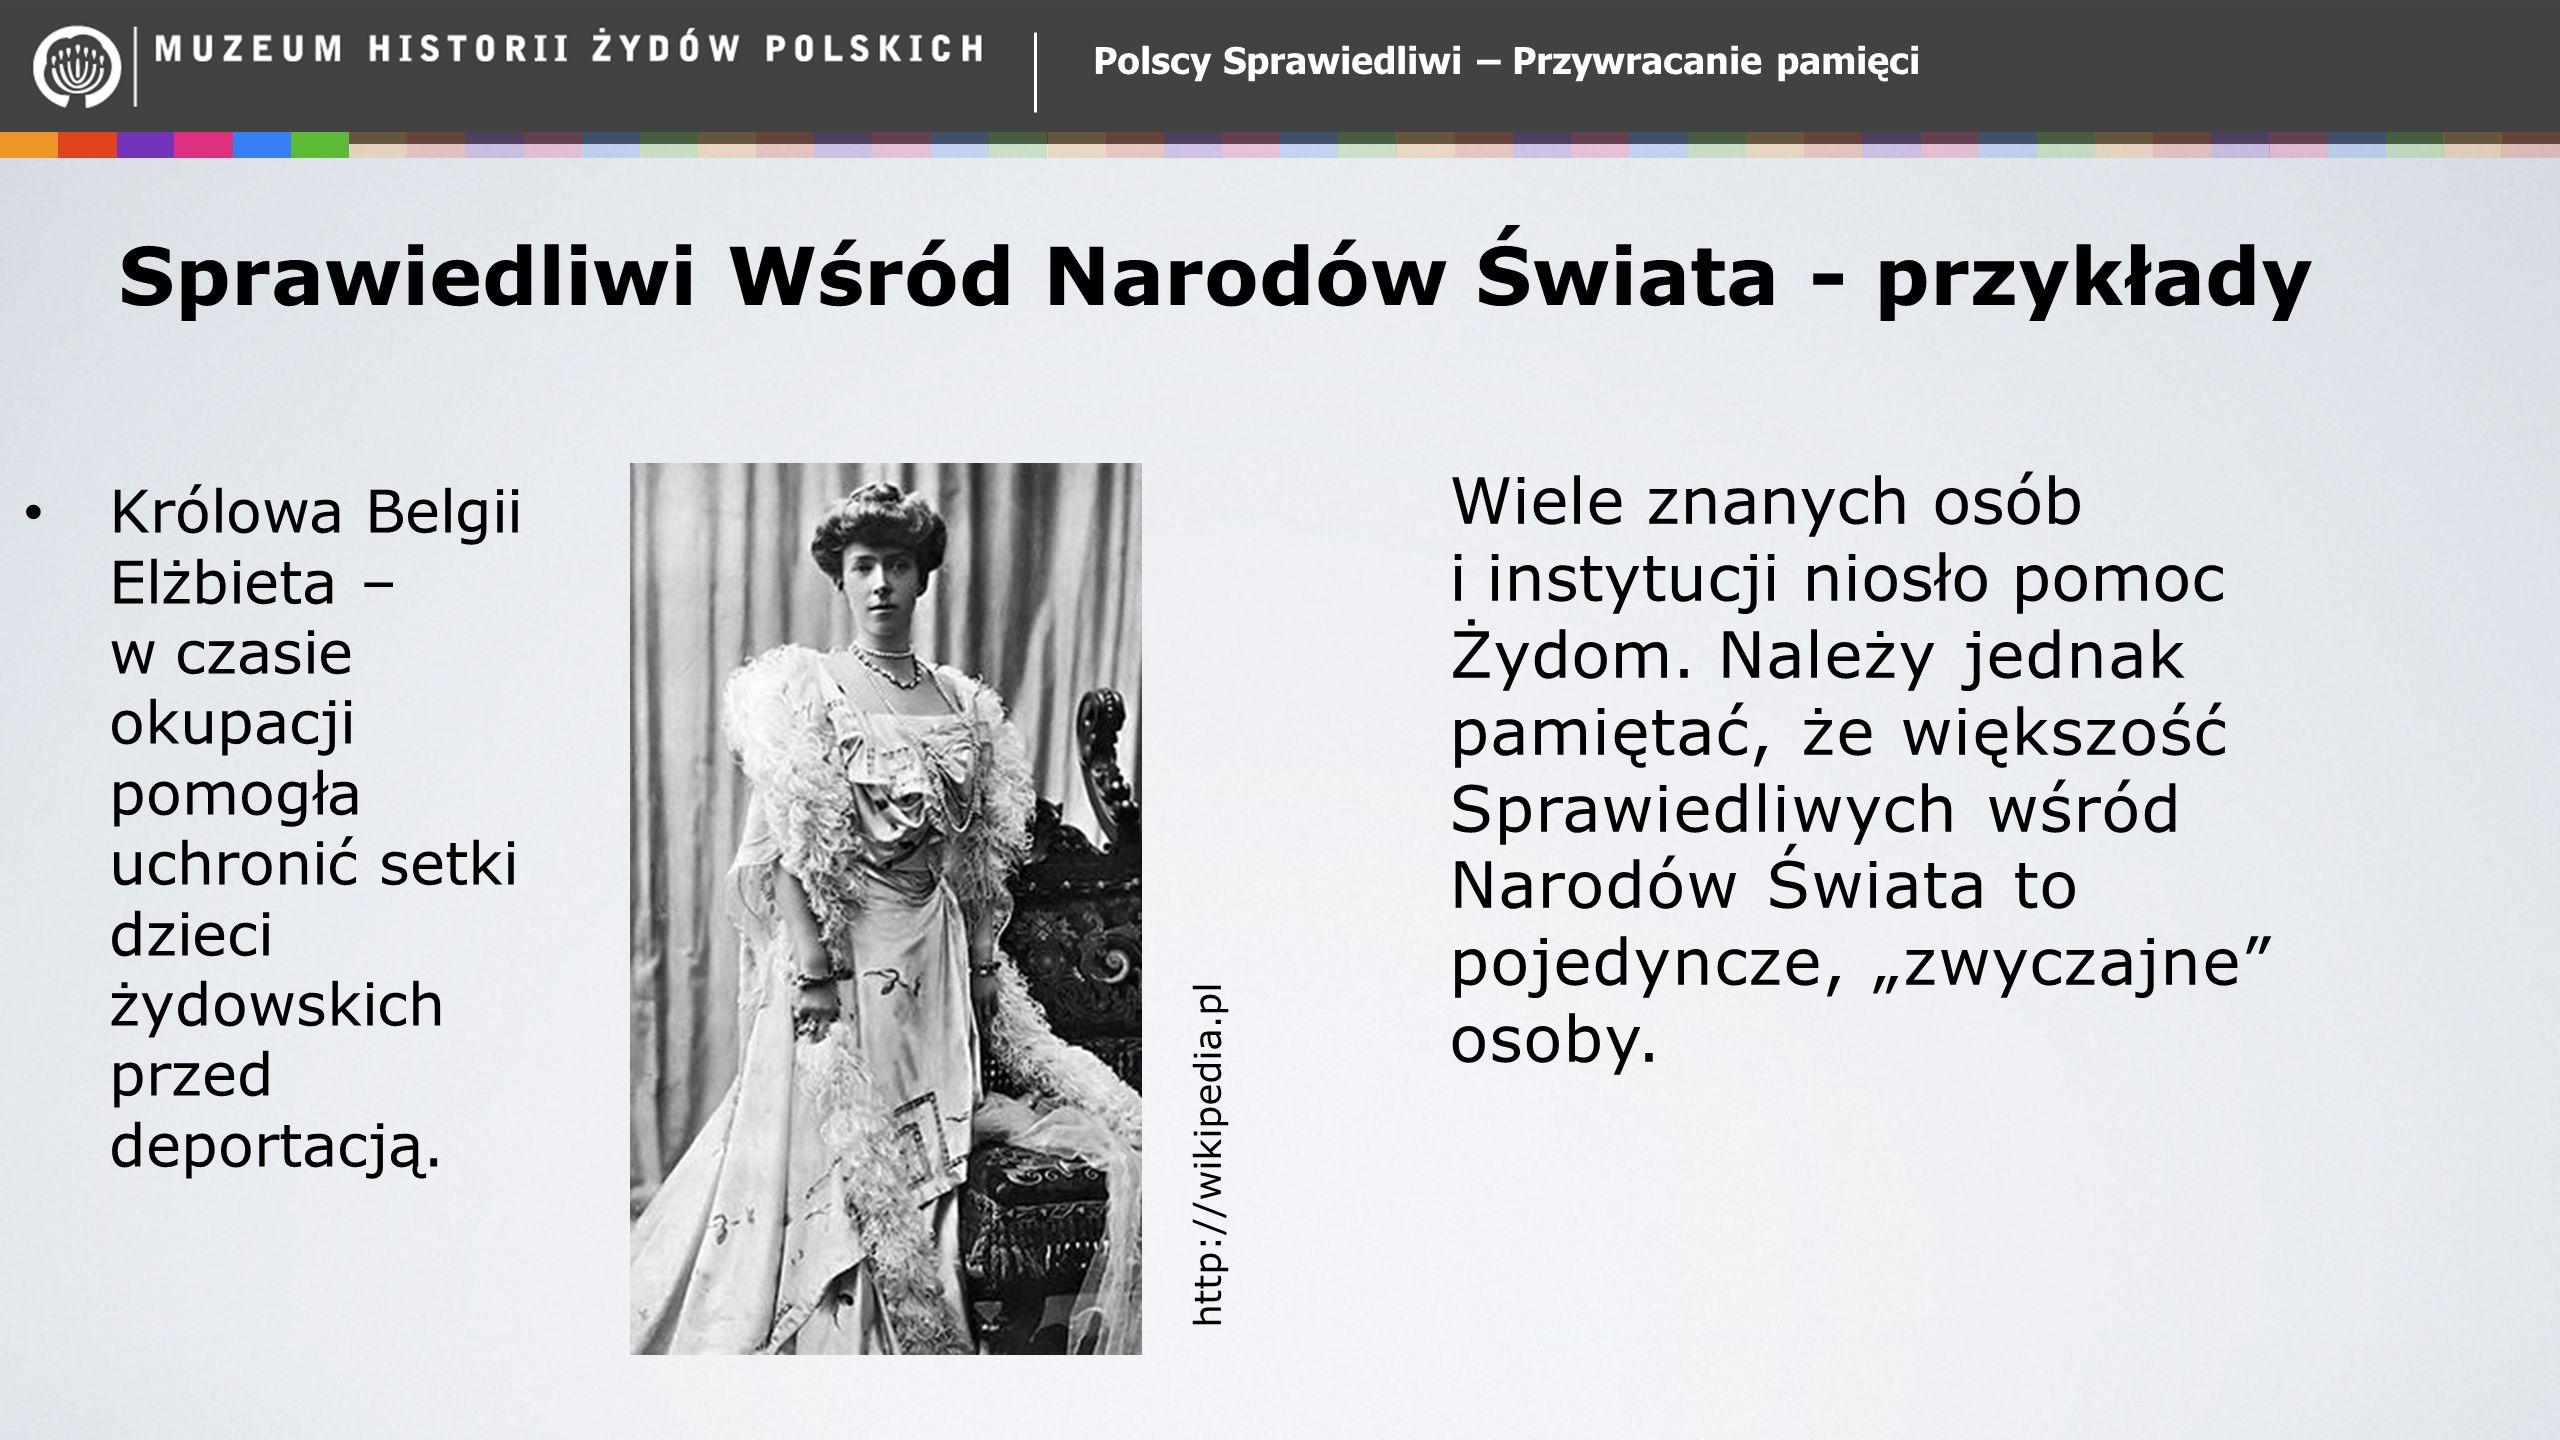 Polscy Sprawiedliwi – Przywracanie pamięci Sprawiedliwi Wśród Narodów Świata - przykłady Królowa Belgii Elżbieta – w czasie okupacji pomogła uchronić setki dzieci żydowskich przed deportacją.